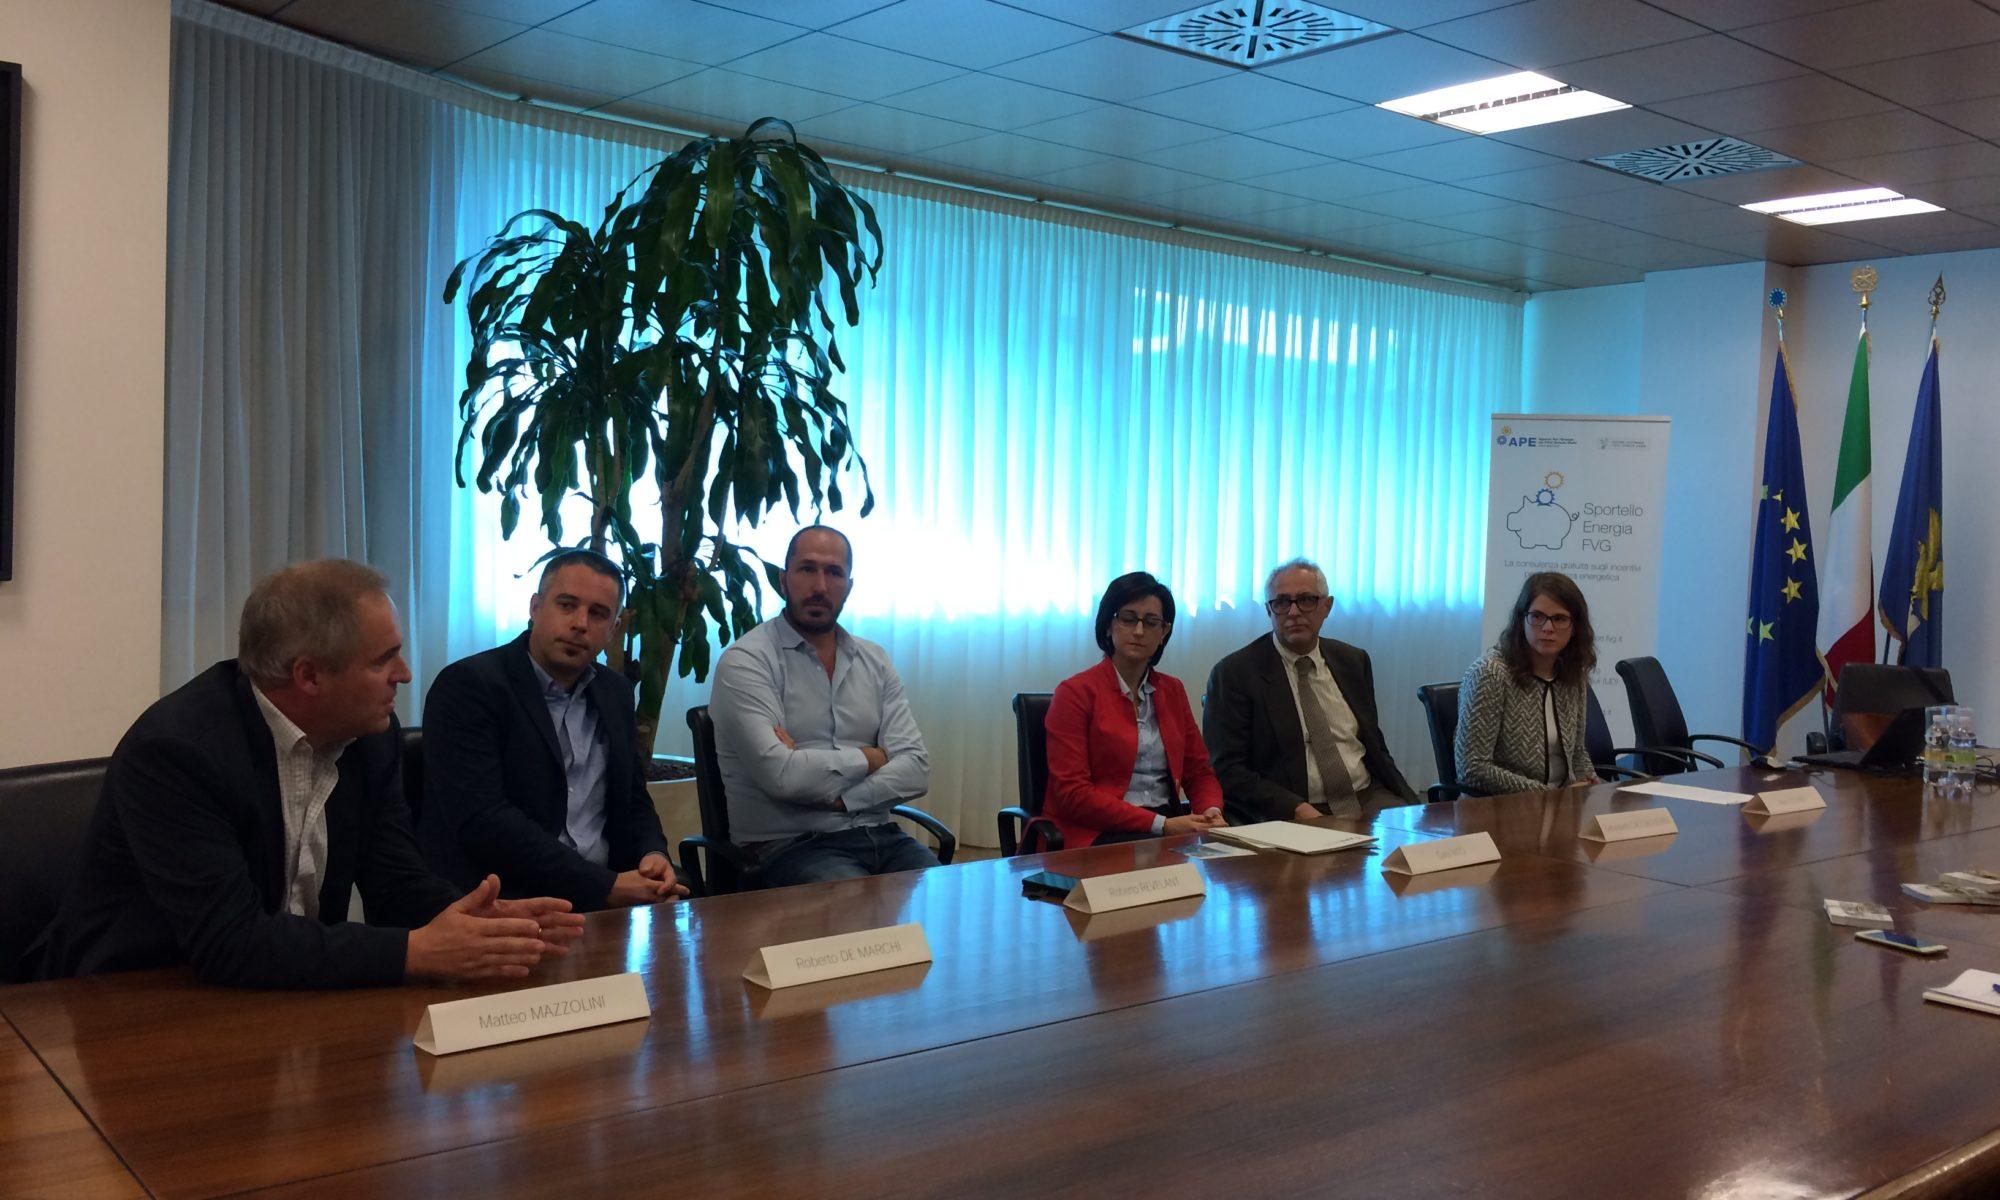 conferenza stampa 27.09.17 Sportello Energia FVG Mazzolini, De Marchi, Revelant, Vito, Cacciaguerra, Cosano